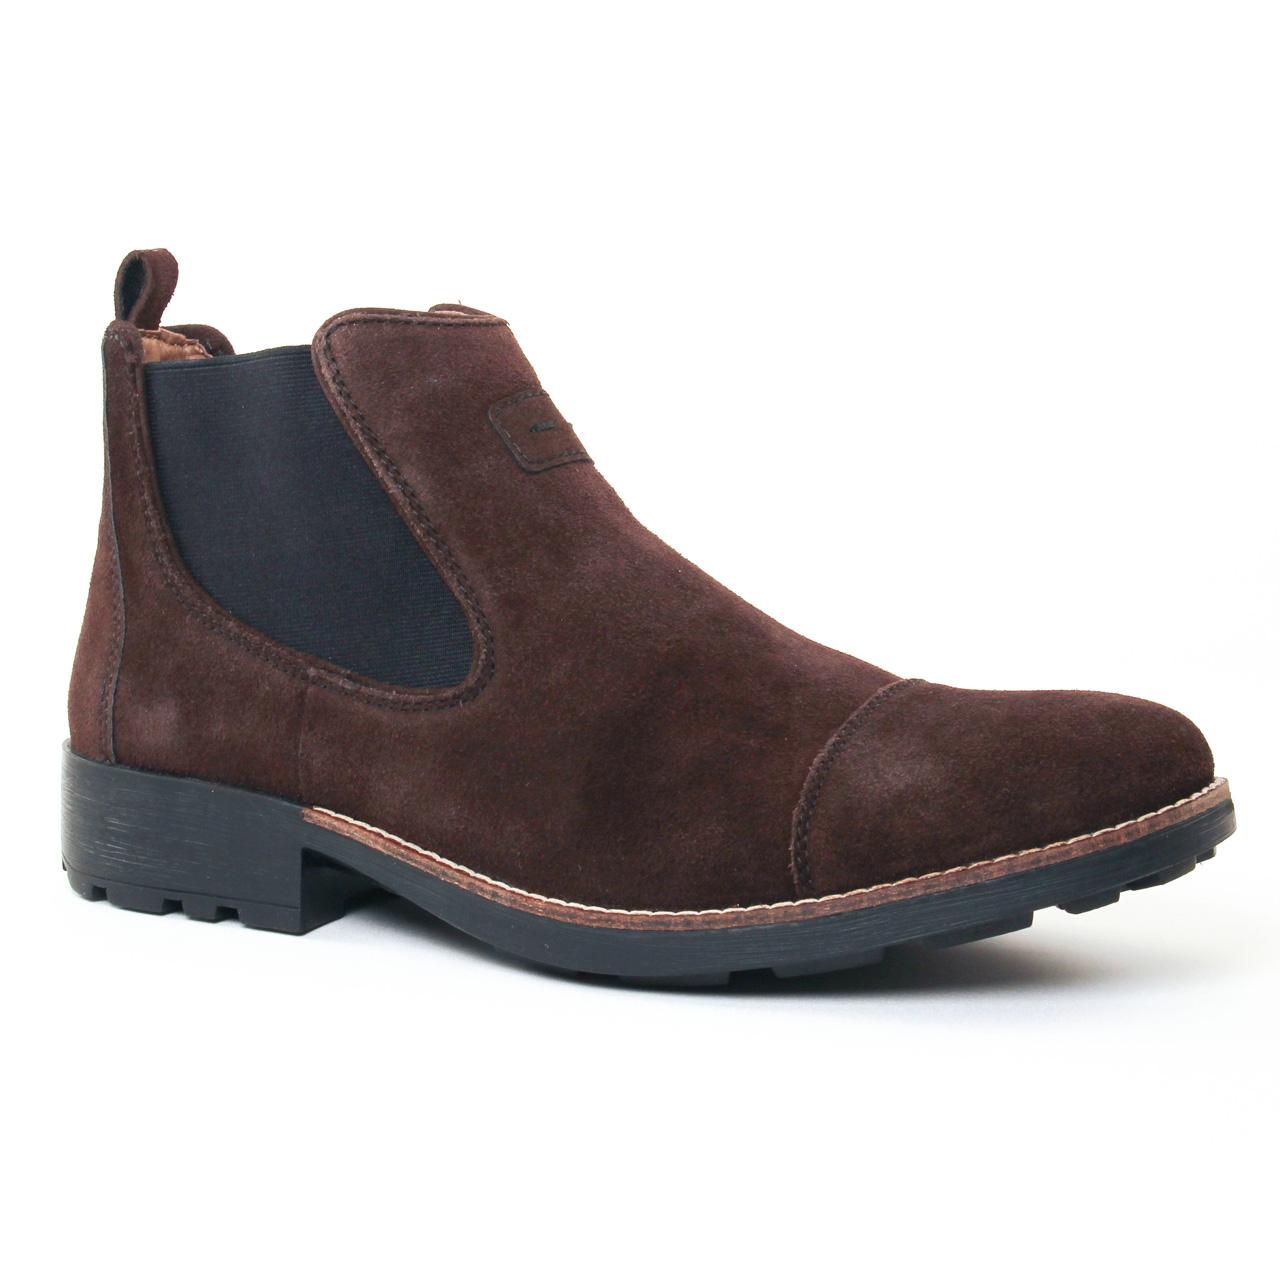 638e436d5c85 Chaussures homme hiver 2017 - boots rieker marron foncé